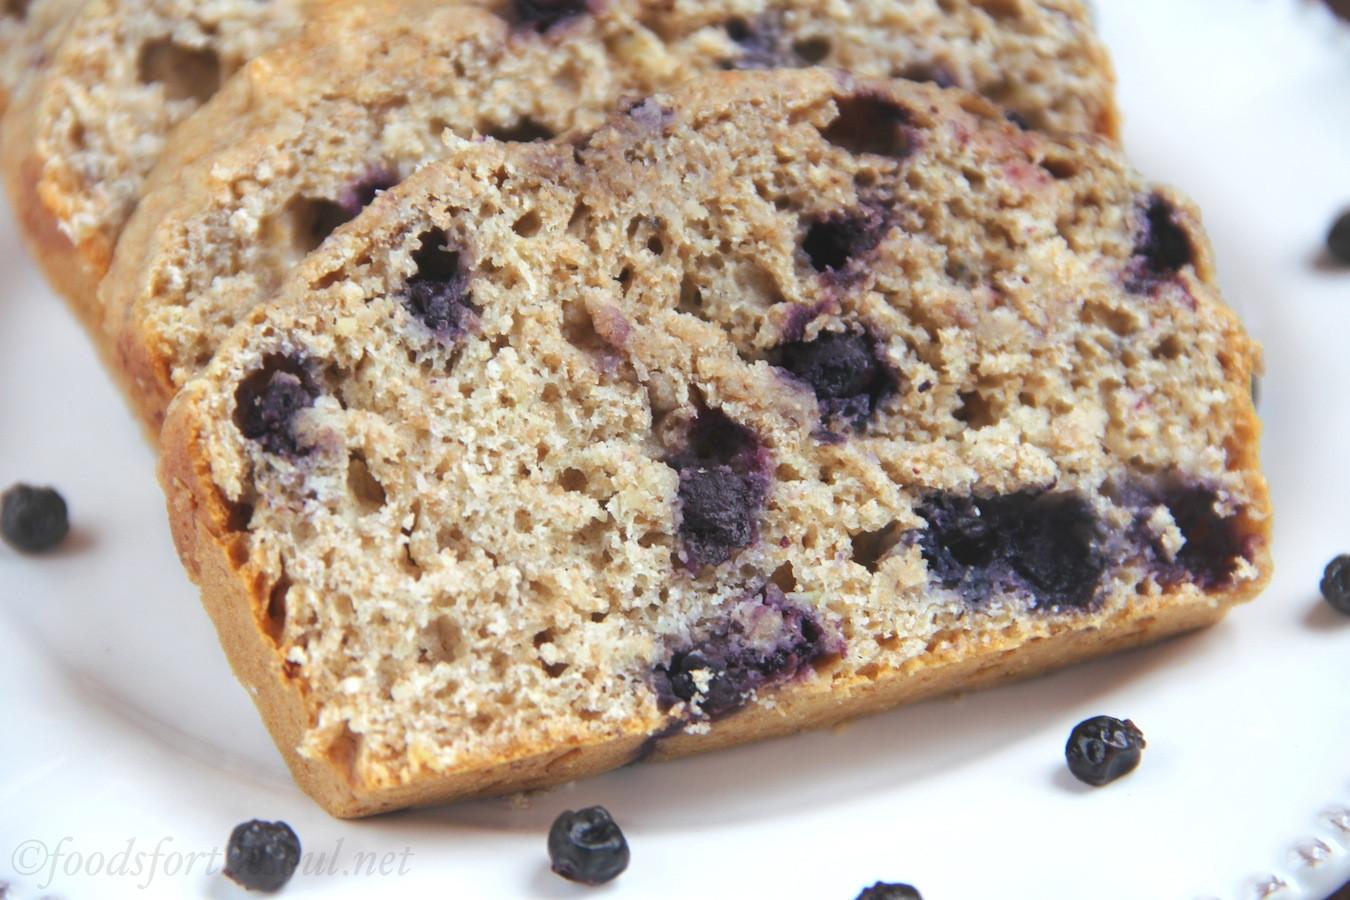 Banana Blueberry Bread Healthy  Whole Wheat Blueberry Banana Bread